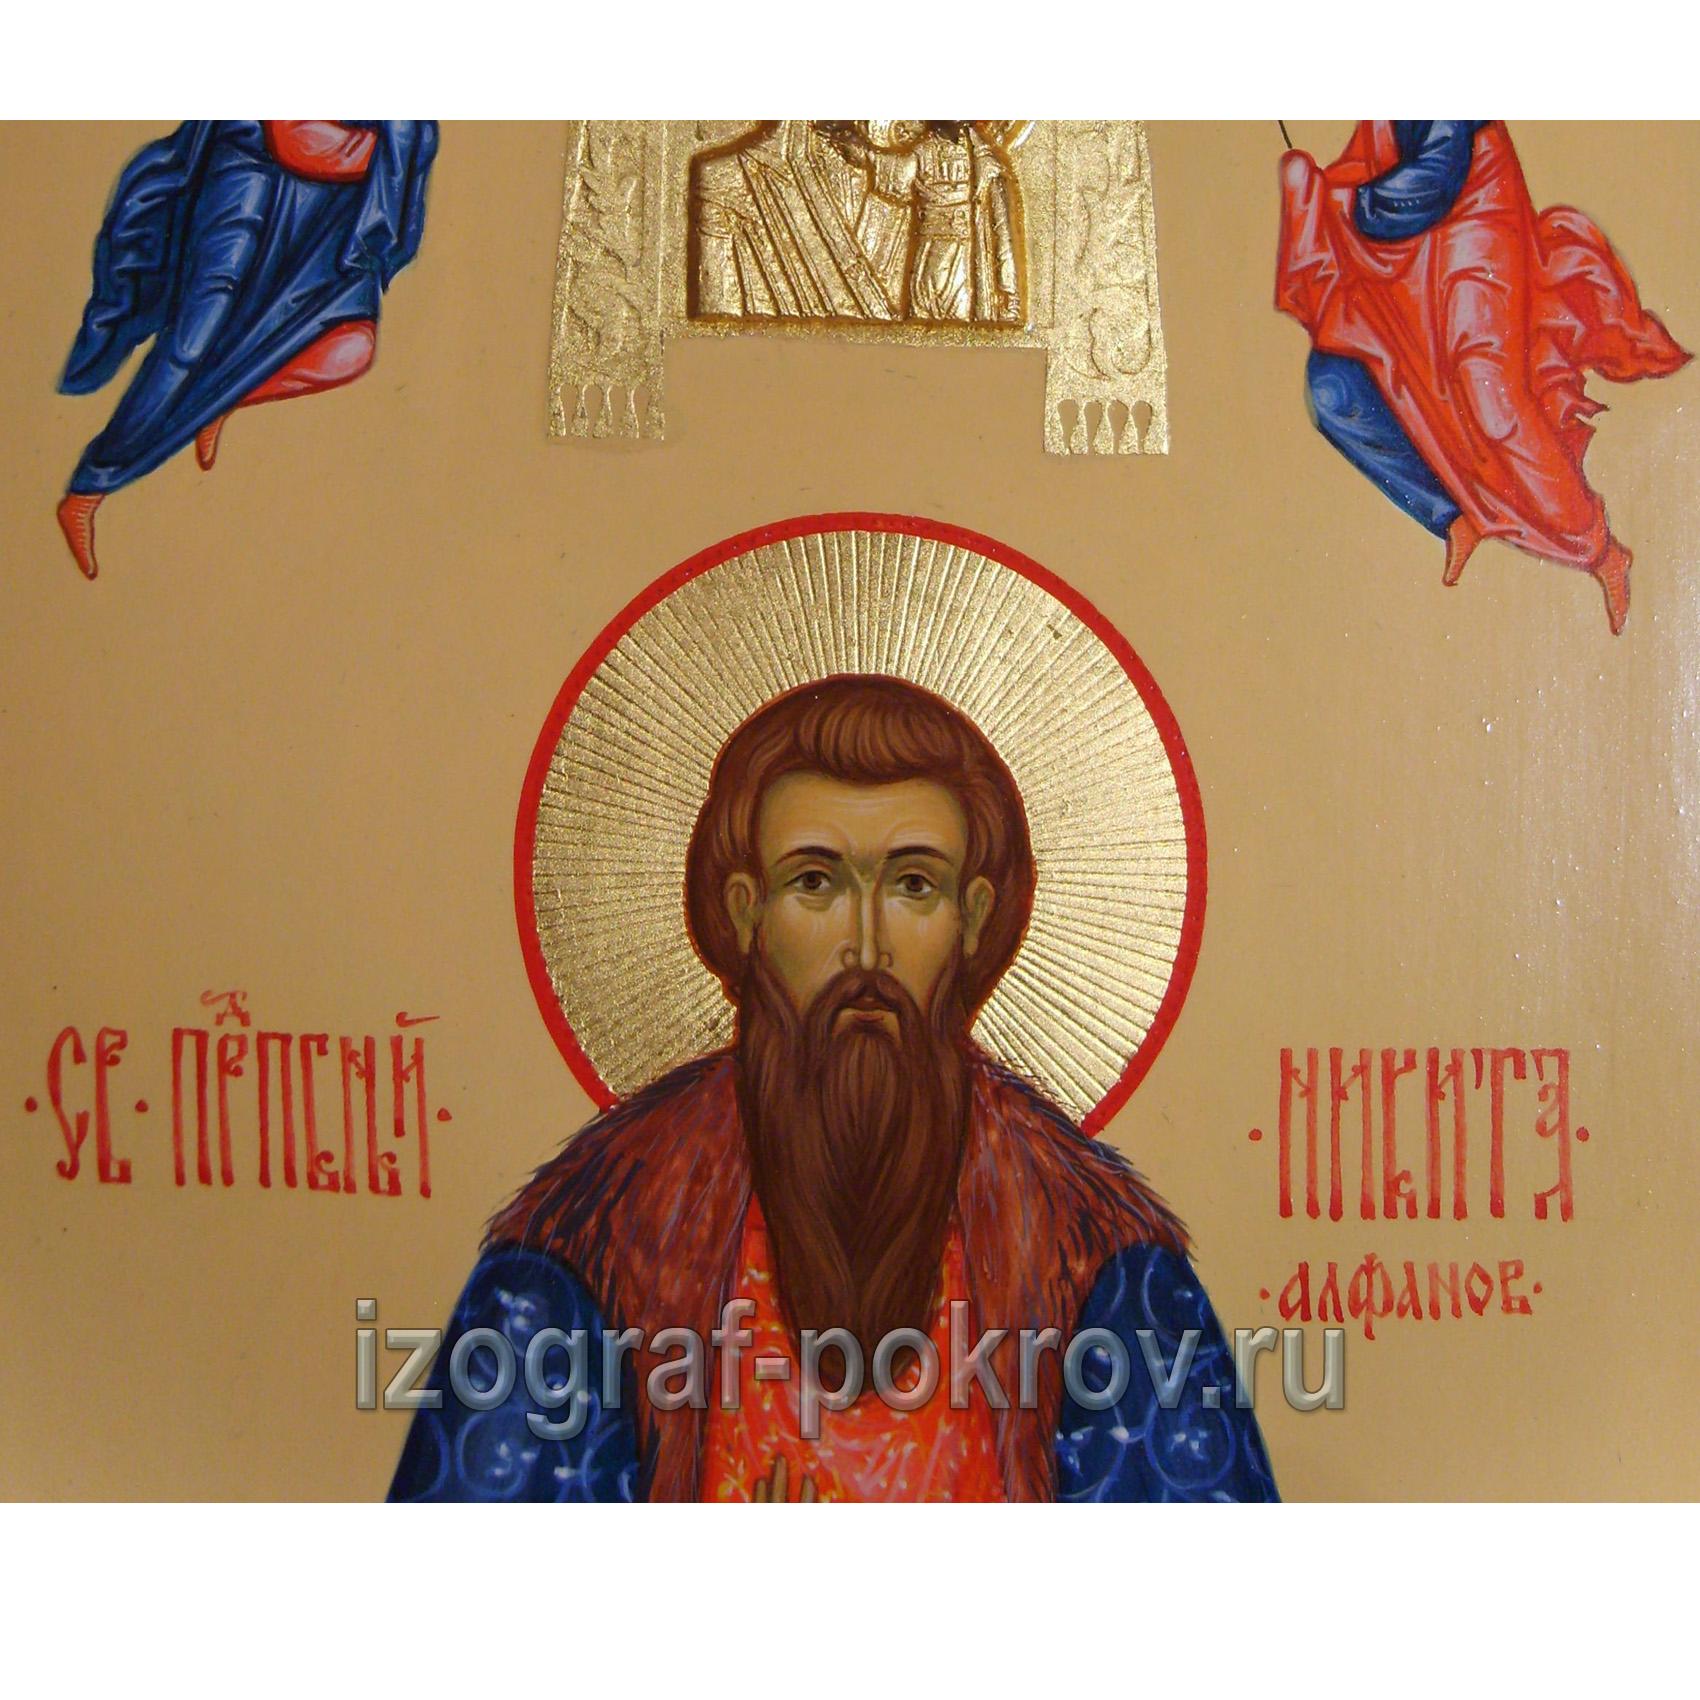 Икона Никита Алфанов фрагмент